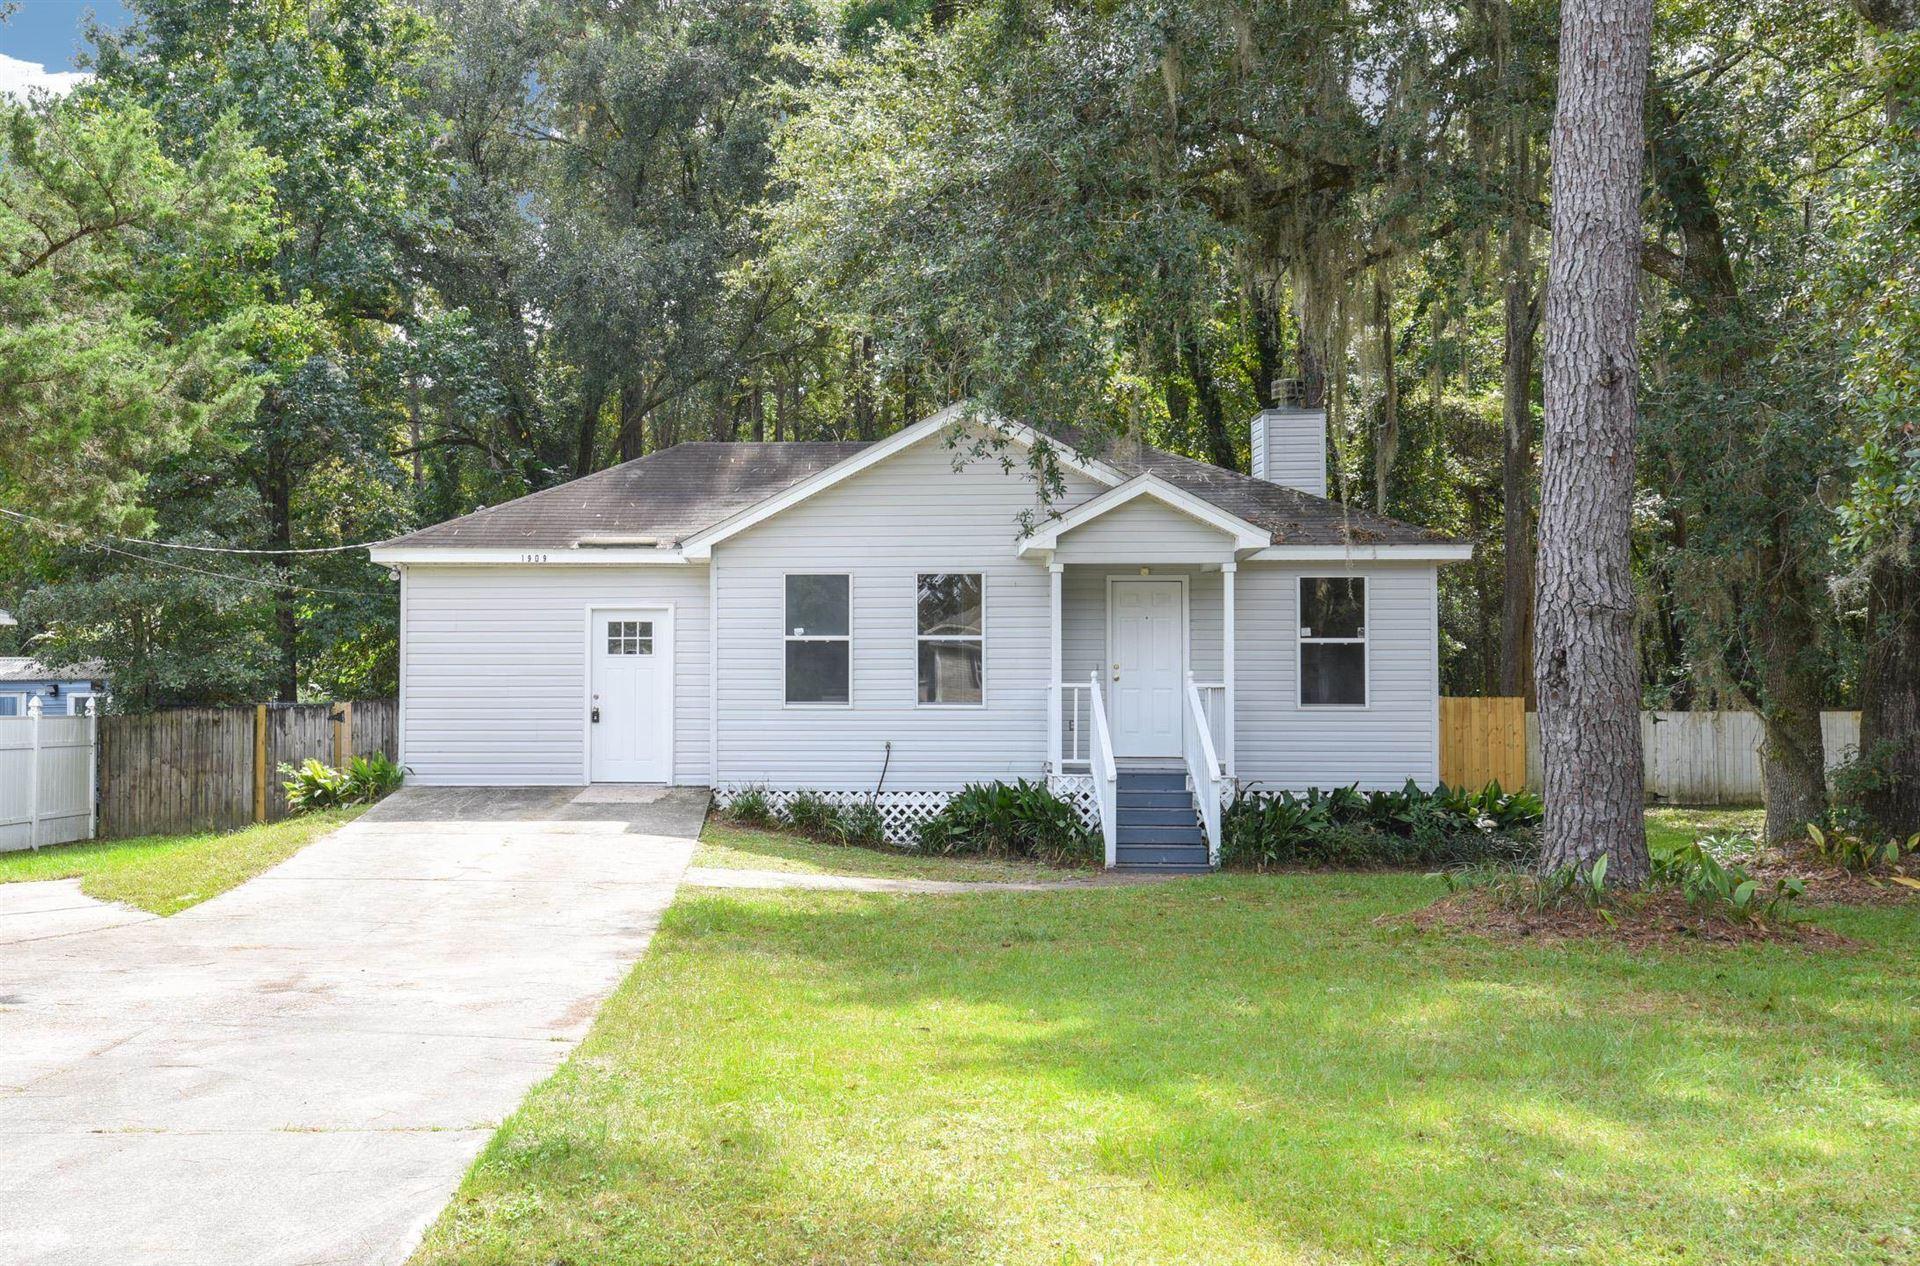 1909 Longview Drive, Tallahassee, FL 32303 - MLS#: 338050